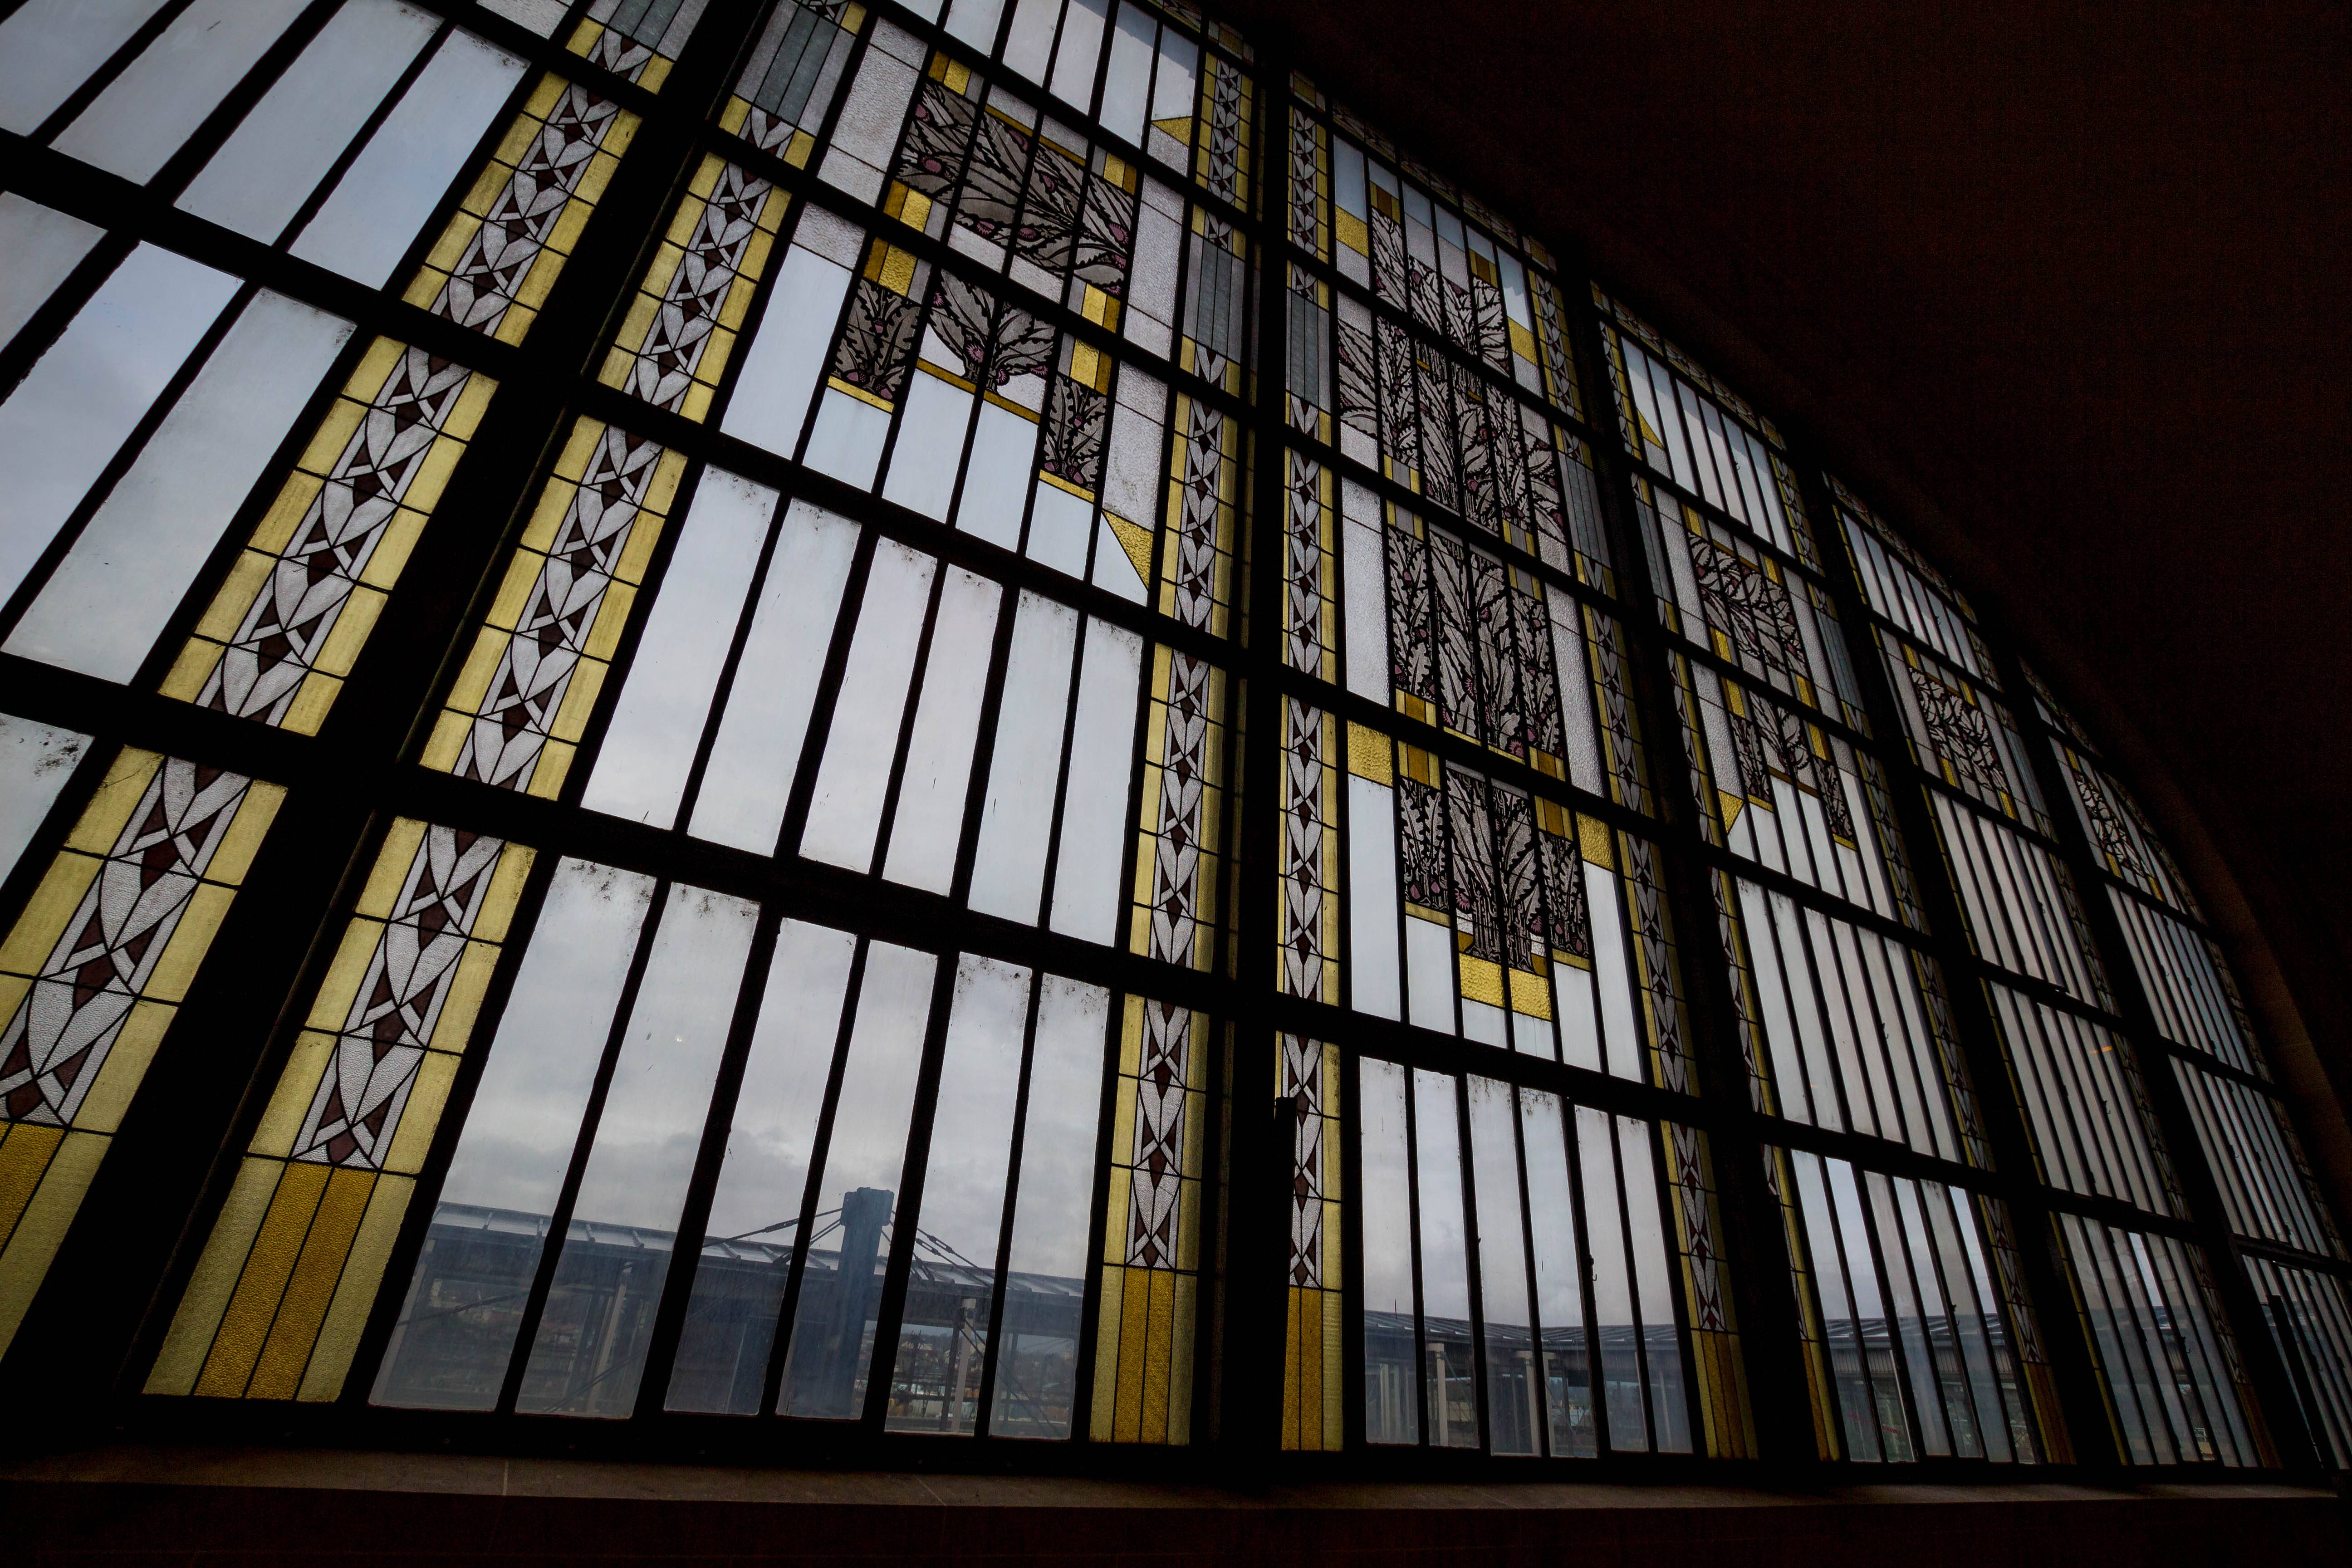 Photo 3: Gare des Bénédictins, une des plus belles d'Europe